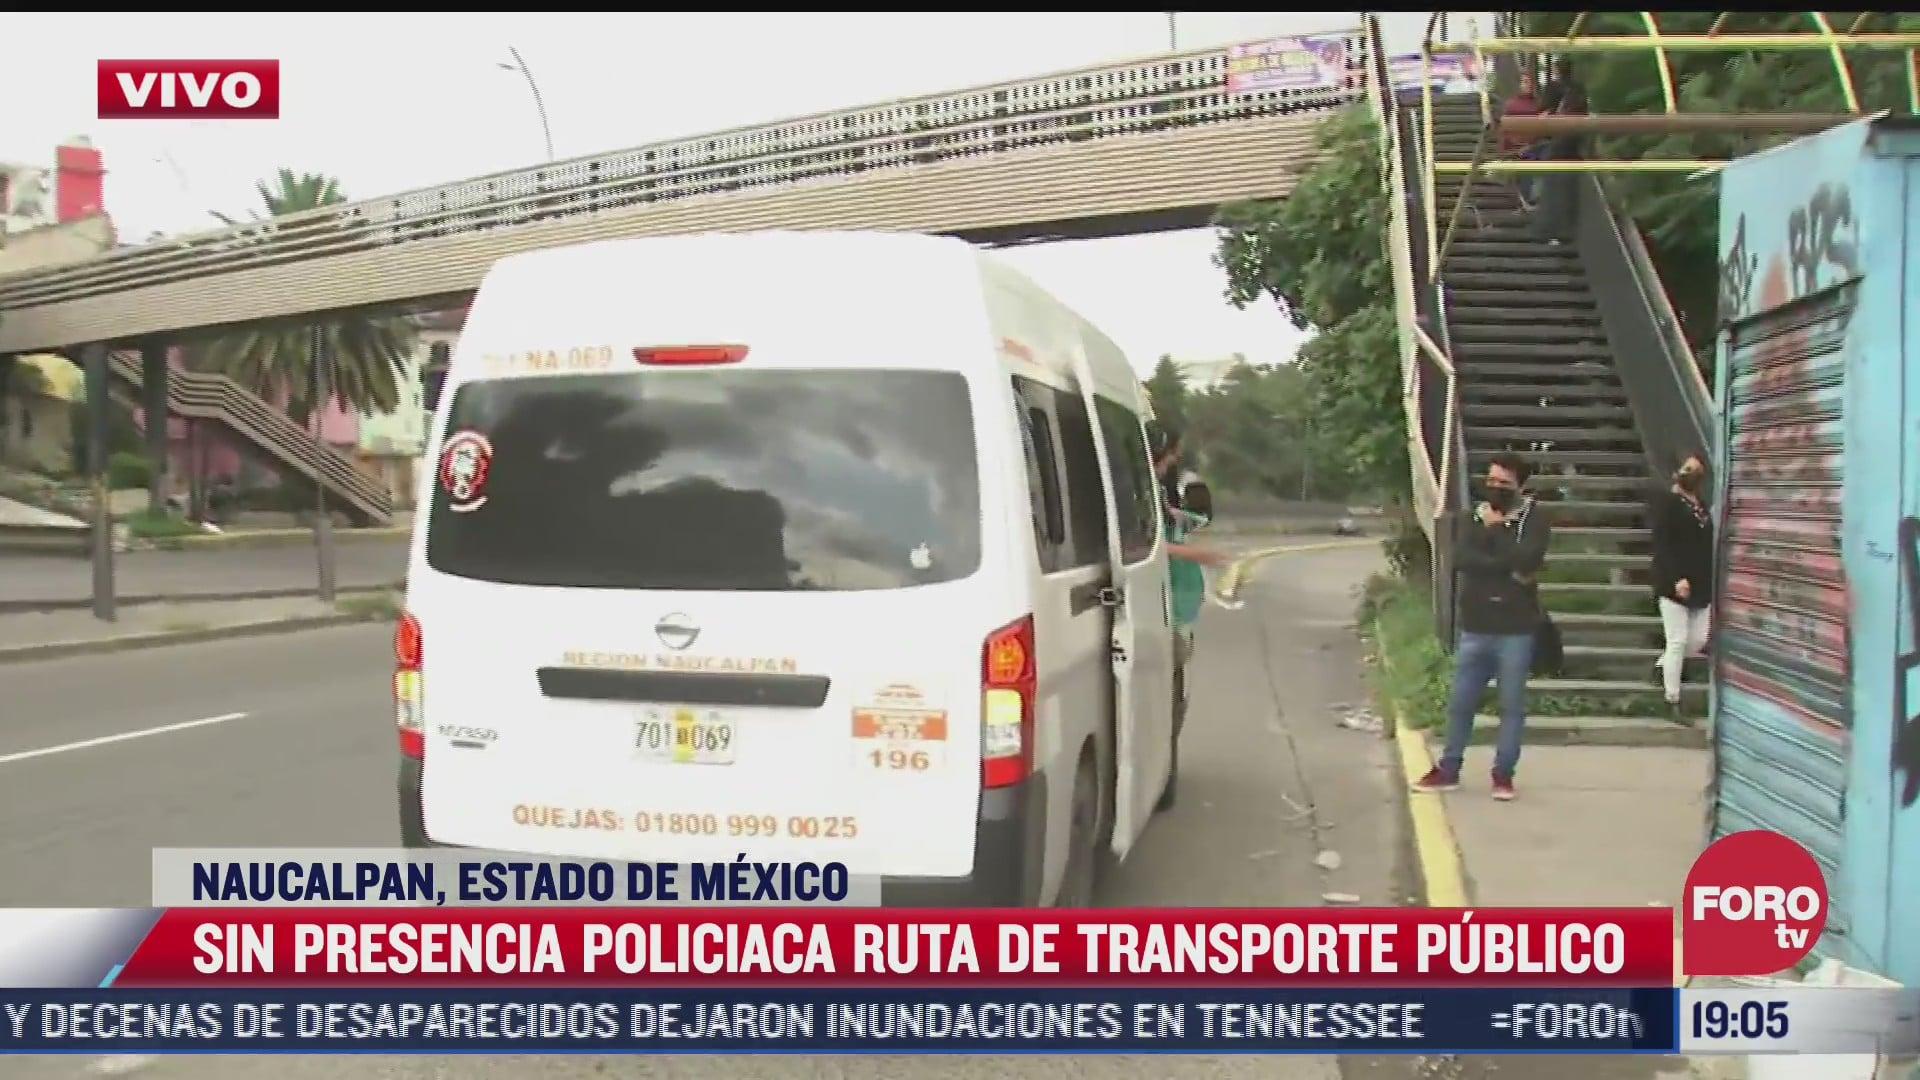 continua la ausencia policiaca pese a asaltos al transporte publico en naucalpan